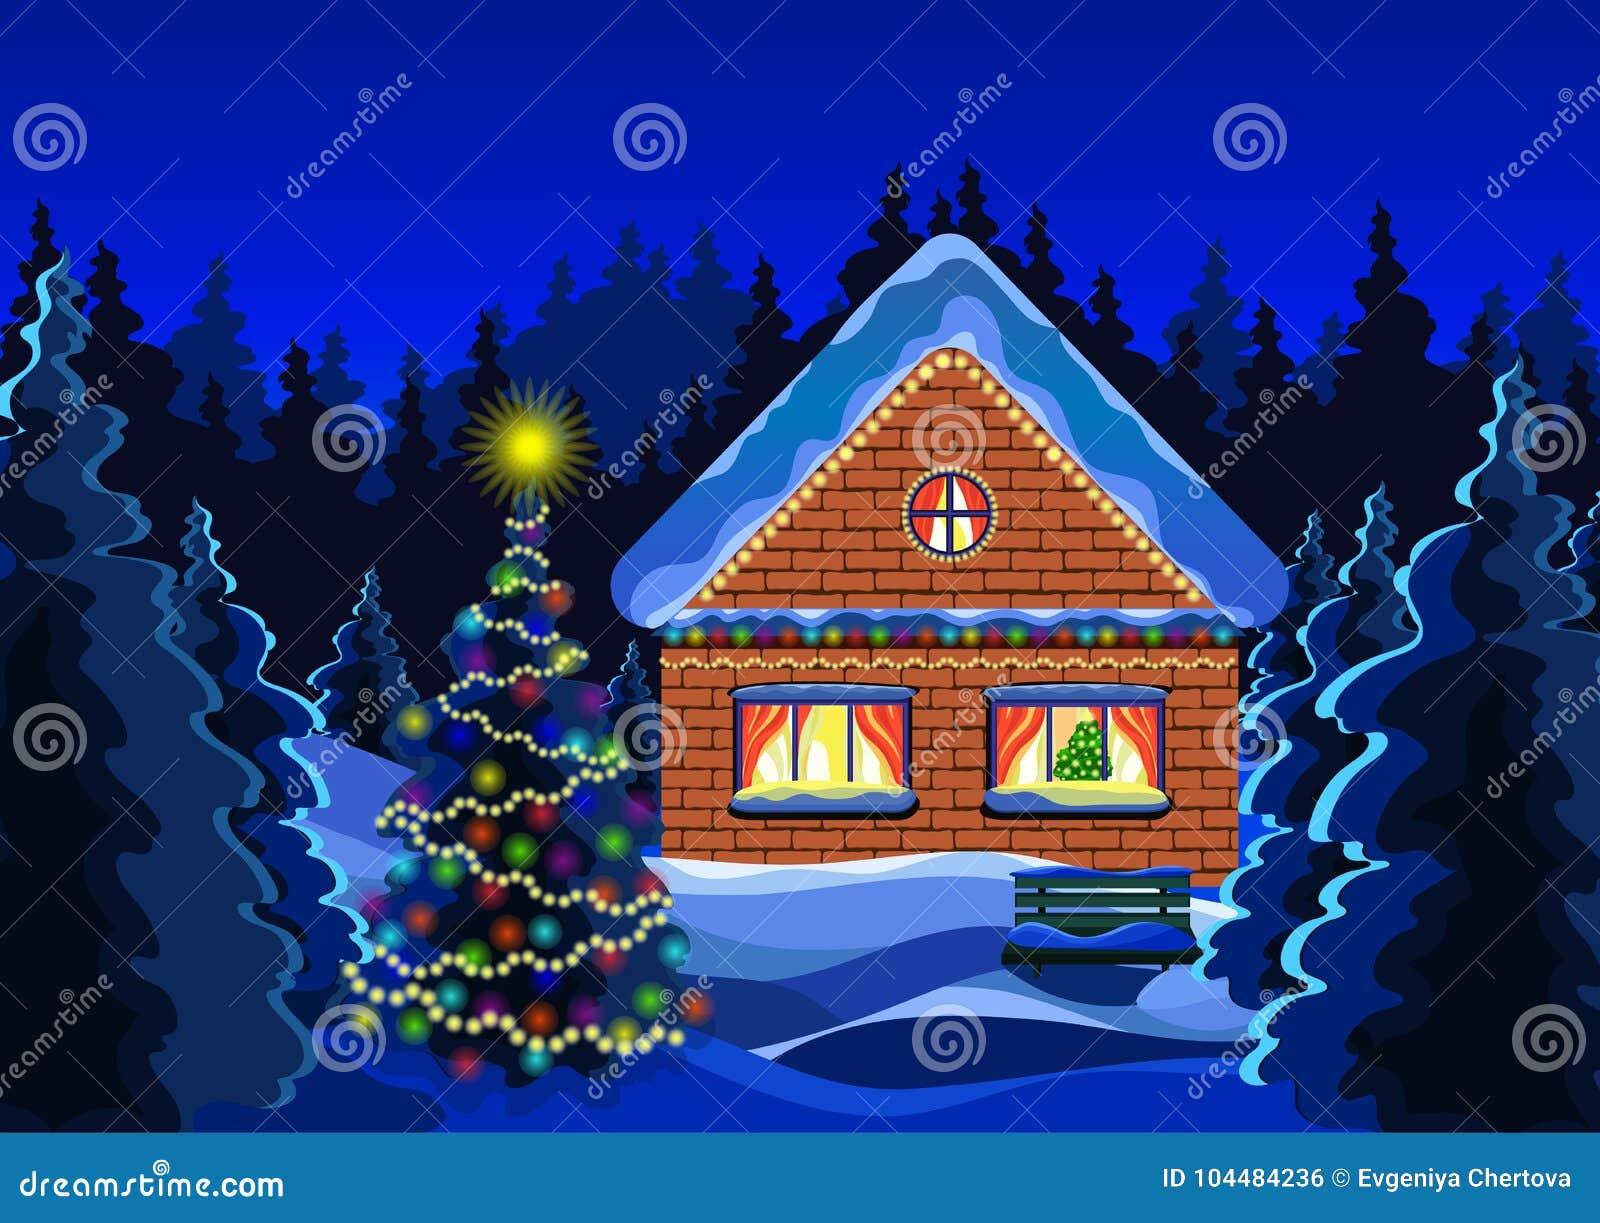 Dessin de vecteur de paysage de noël dhiver forêt de neige dhiver de nuit décorée de la maison rustique de brique de guirlandes lumineuses et de larbre